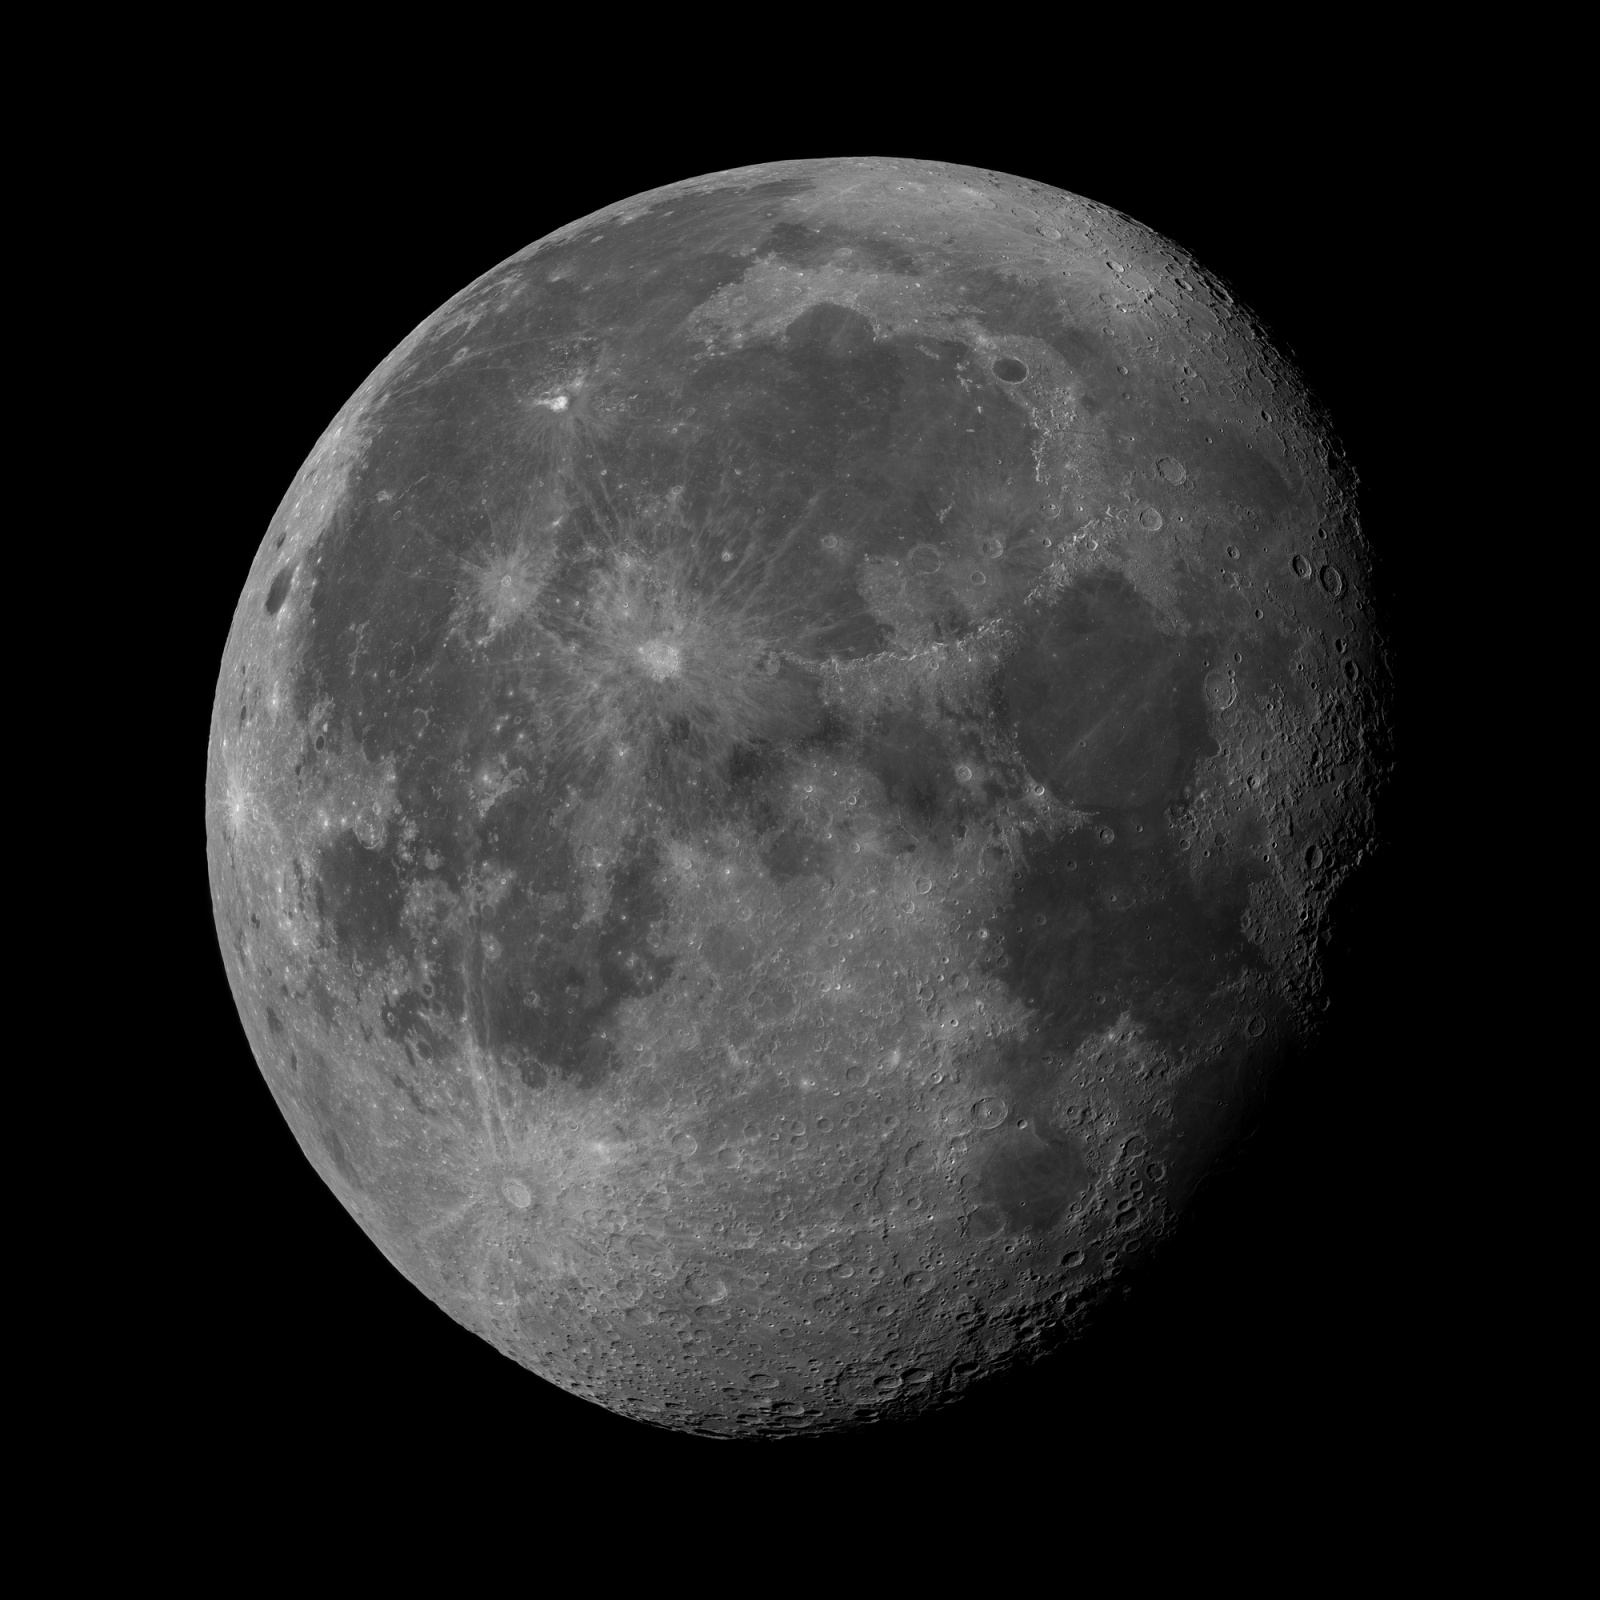 200807-moon.thumb.jpg.c88ad7859fc964296bc393b36eef6819.jpg